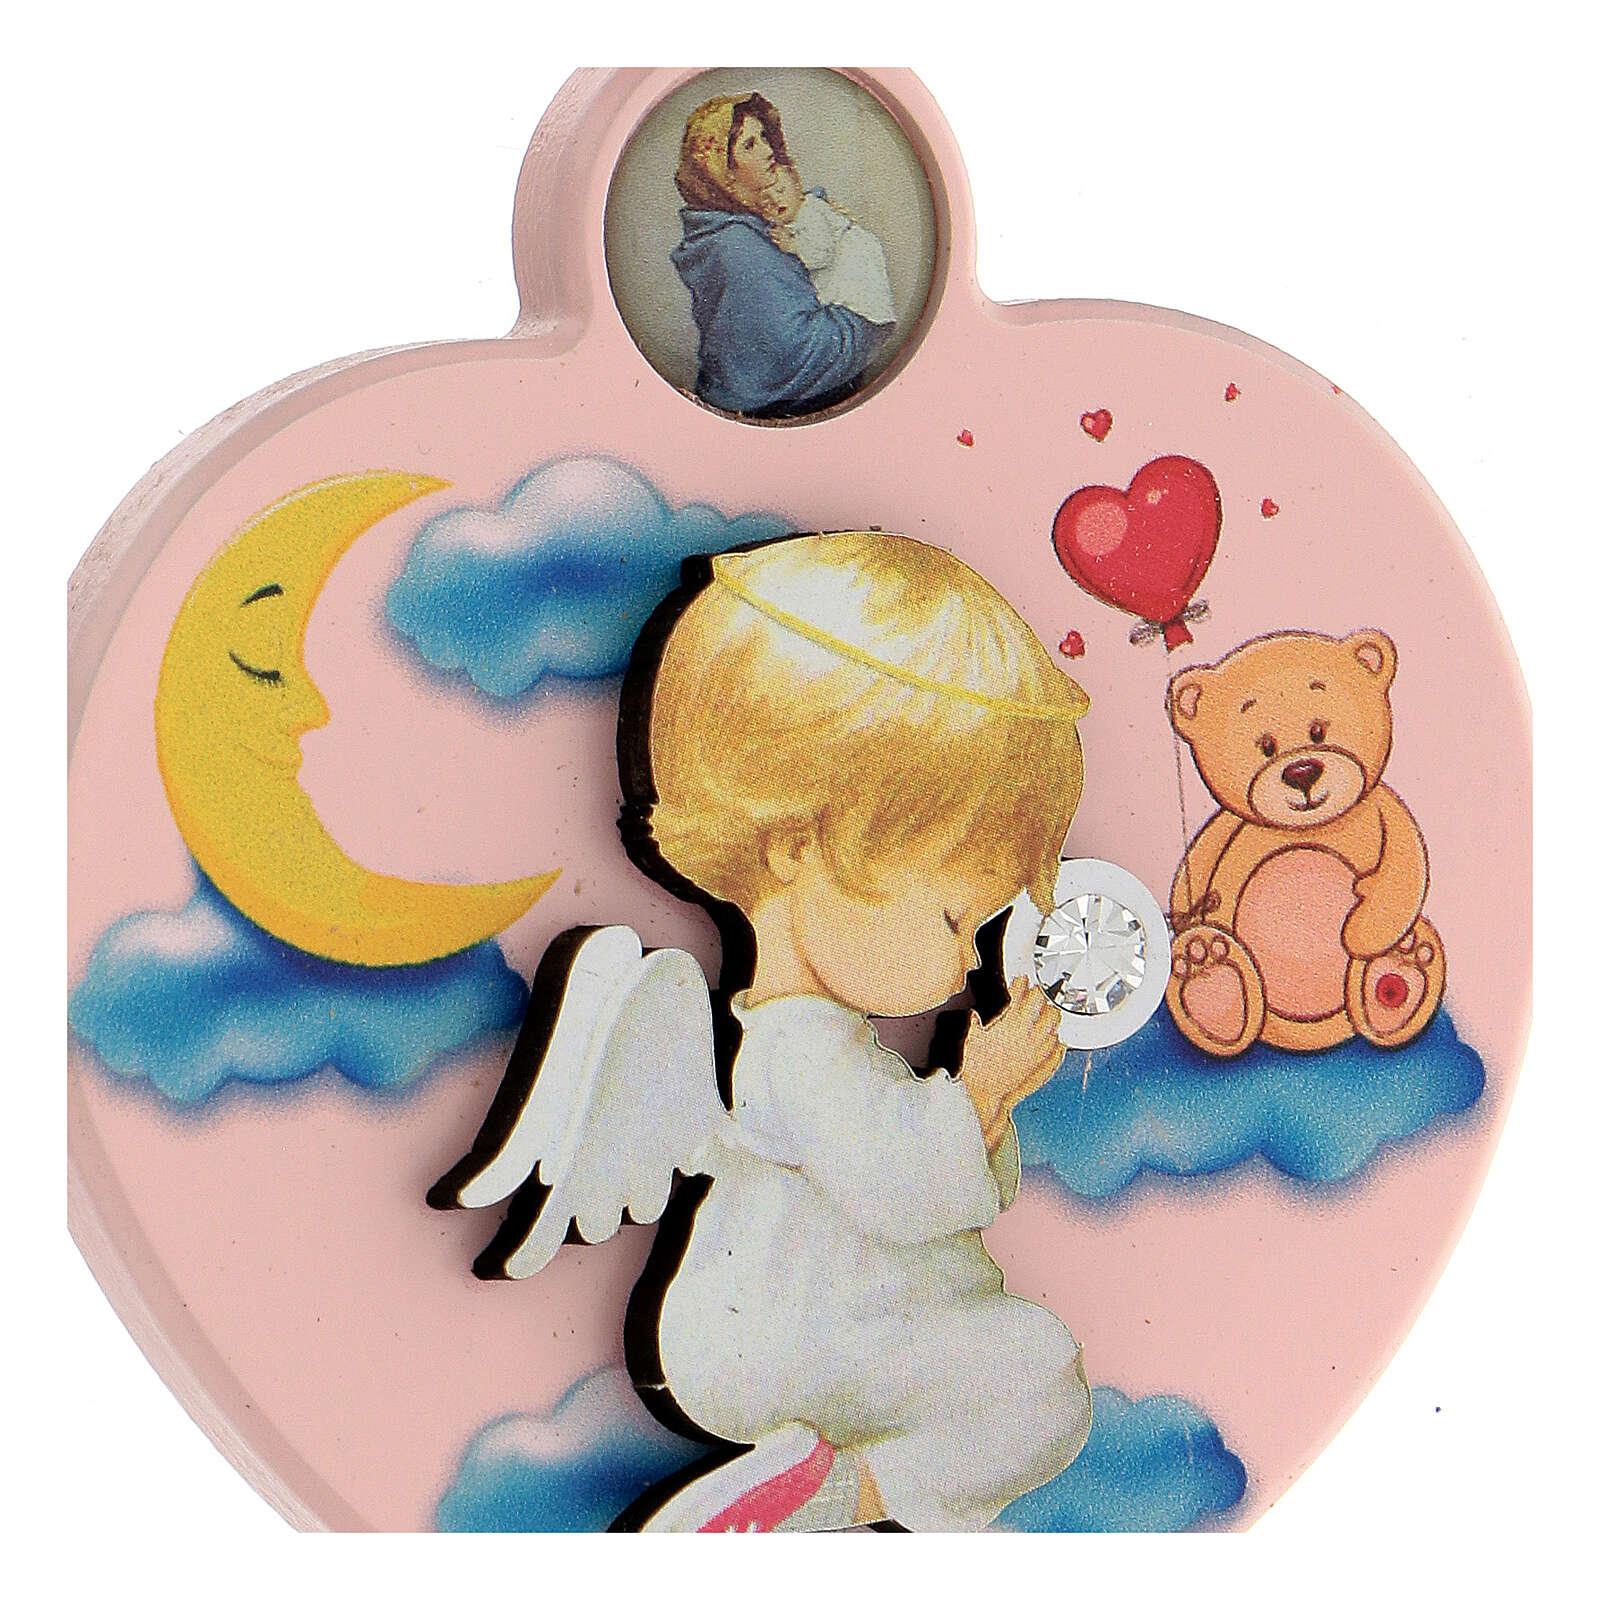 Ricordino sopraculla cuore bimba angelo 4